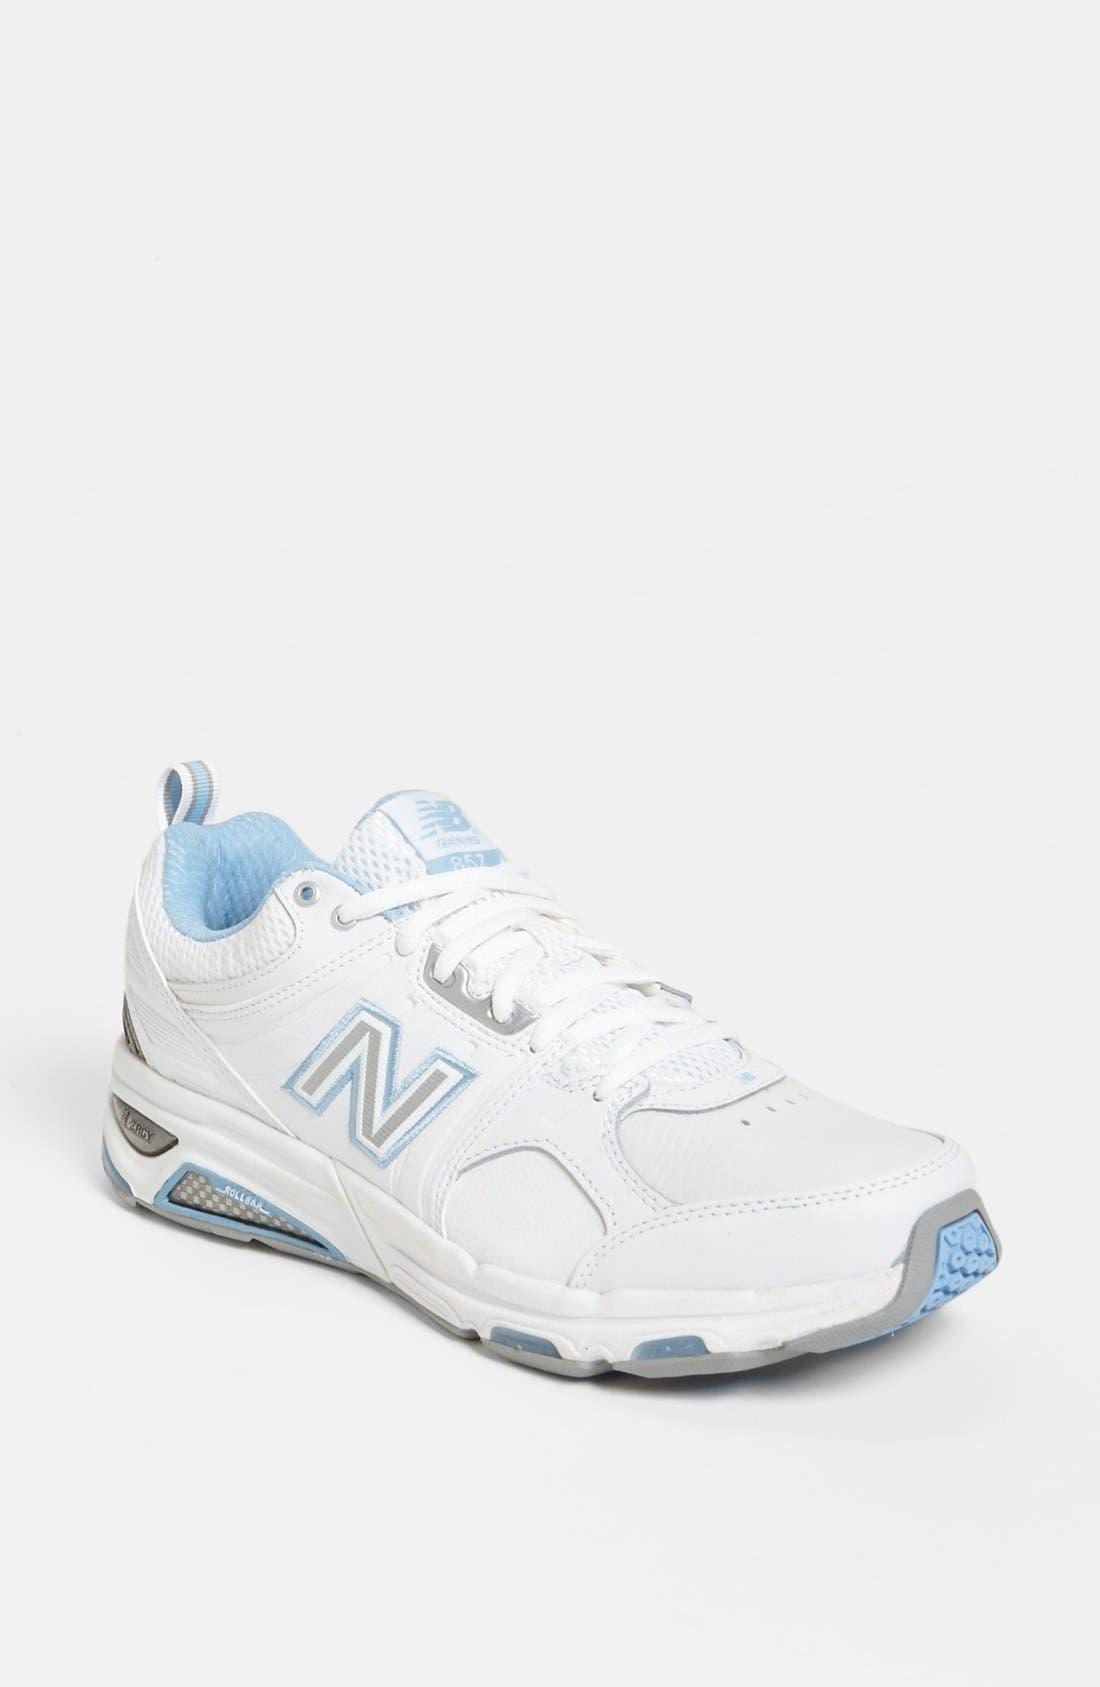 Alternate Image 1 Selected - New Balance '857' Training Shoe (Women)